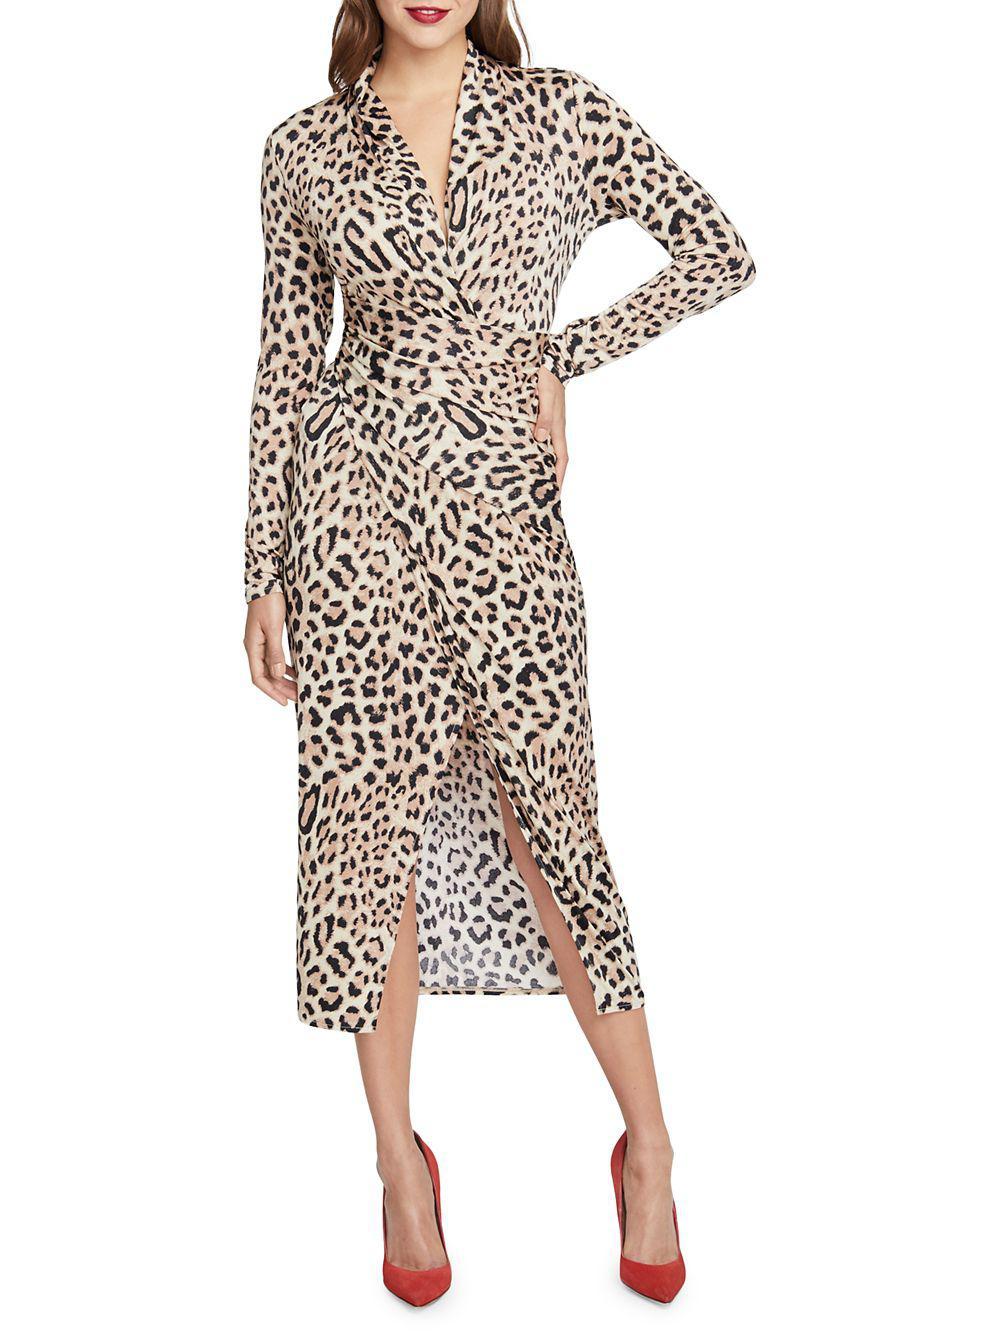 6a9ebdff90c RACHEL Rachel Roy Bret Dress in Black - Save 63% - Lyst